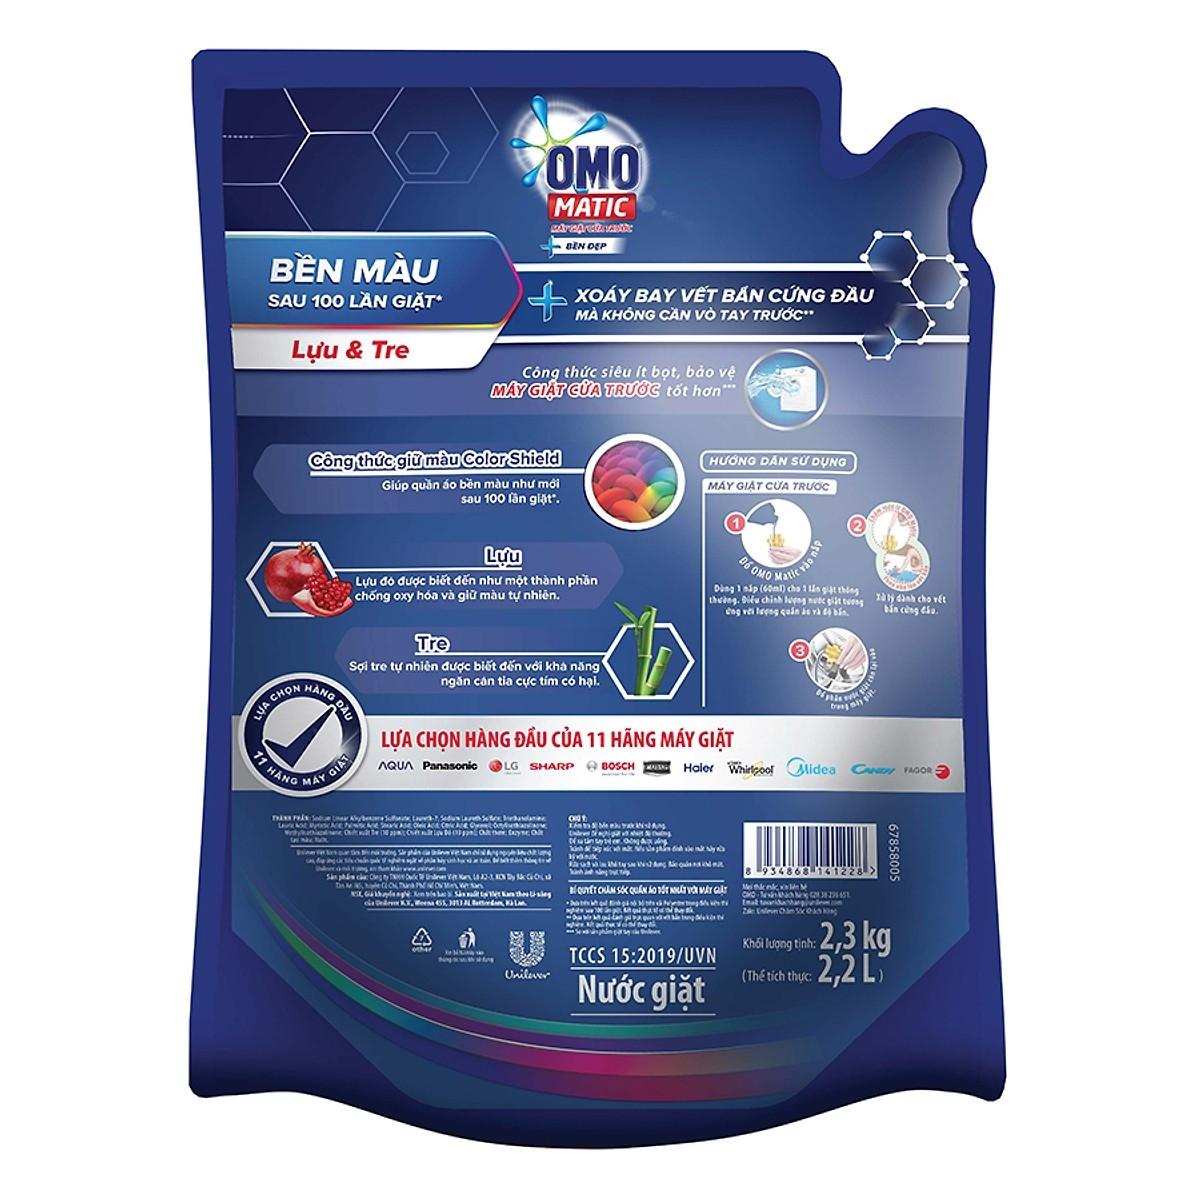 Nước giặt omo matic bền đẹp cửa ngang ( trước) túi  2.3 kg